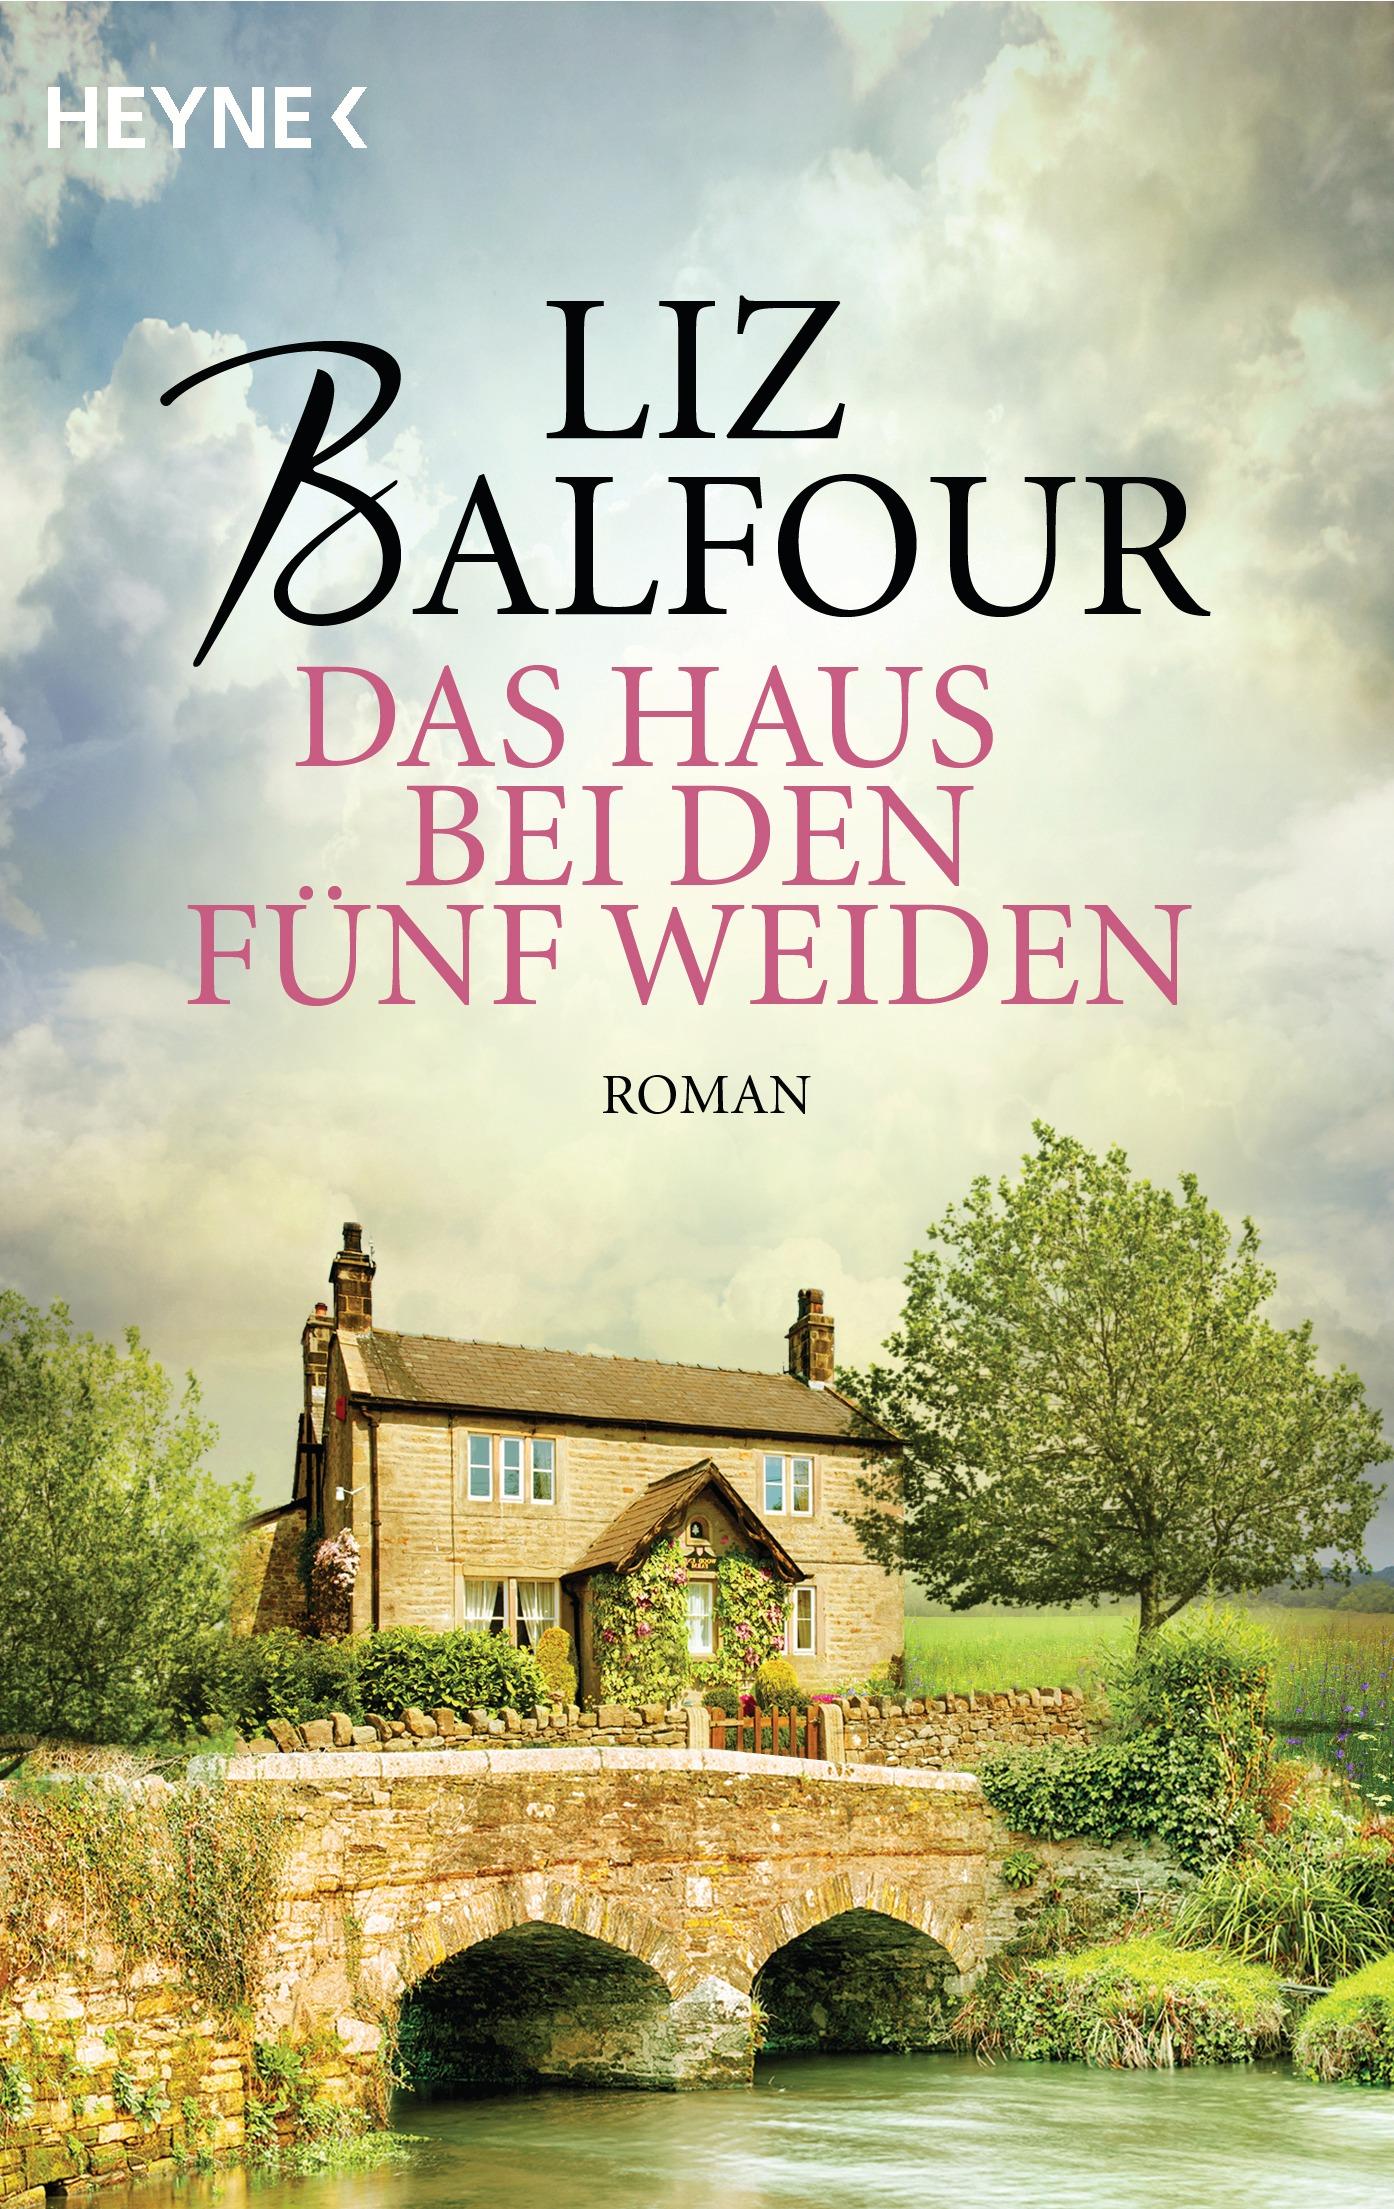 Das Haus bei den fünf Weiden - Liz Balfour